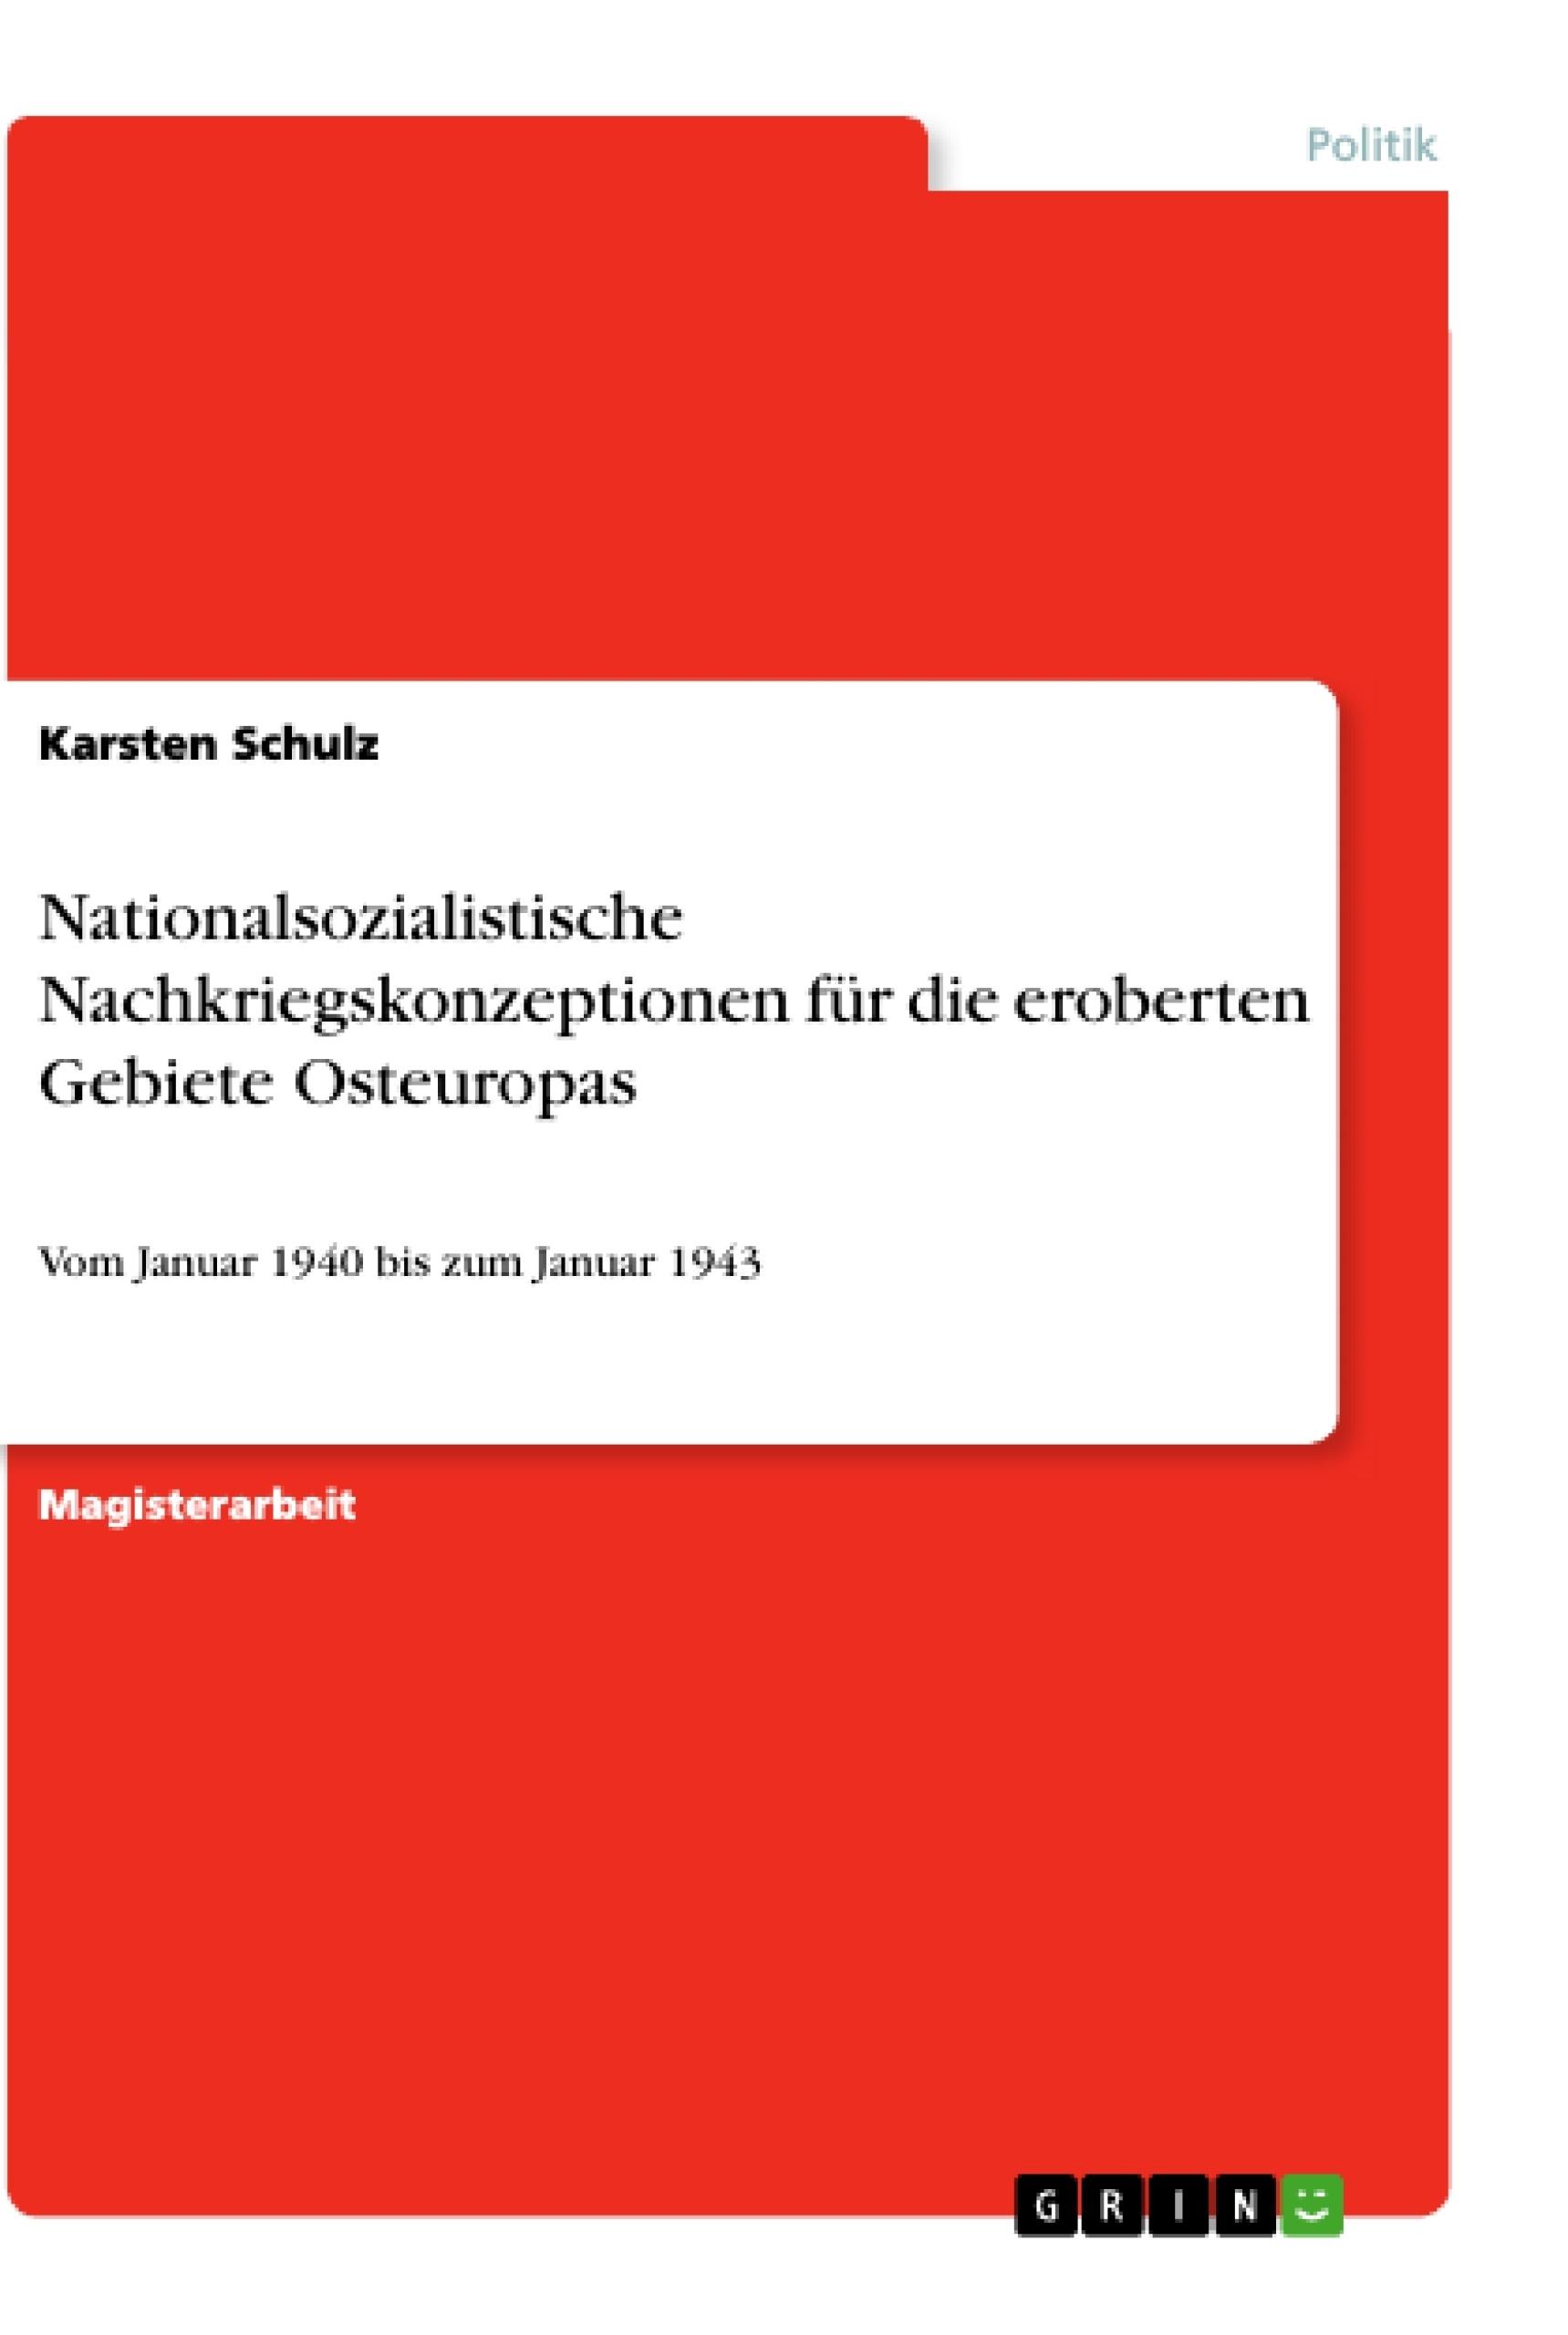 Titel: Nationalsozialistische Nachkriegskonzeptionen für die eroberten Gebiete Osteuropas